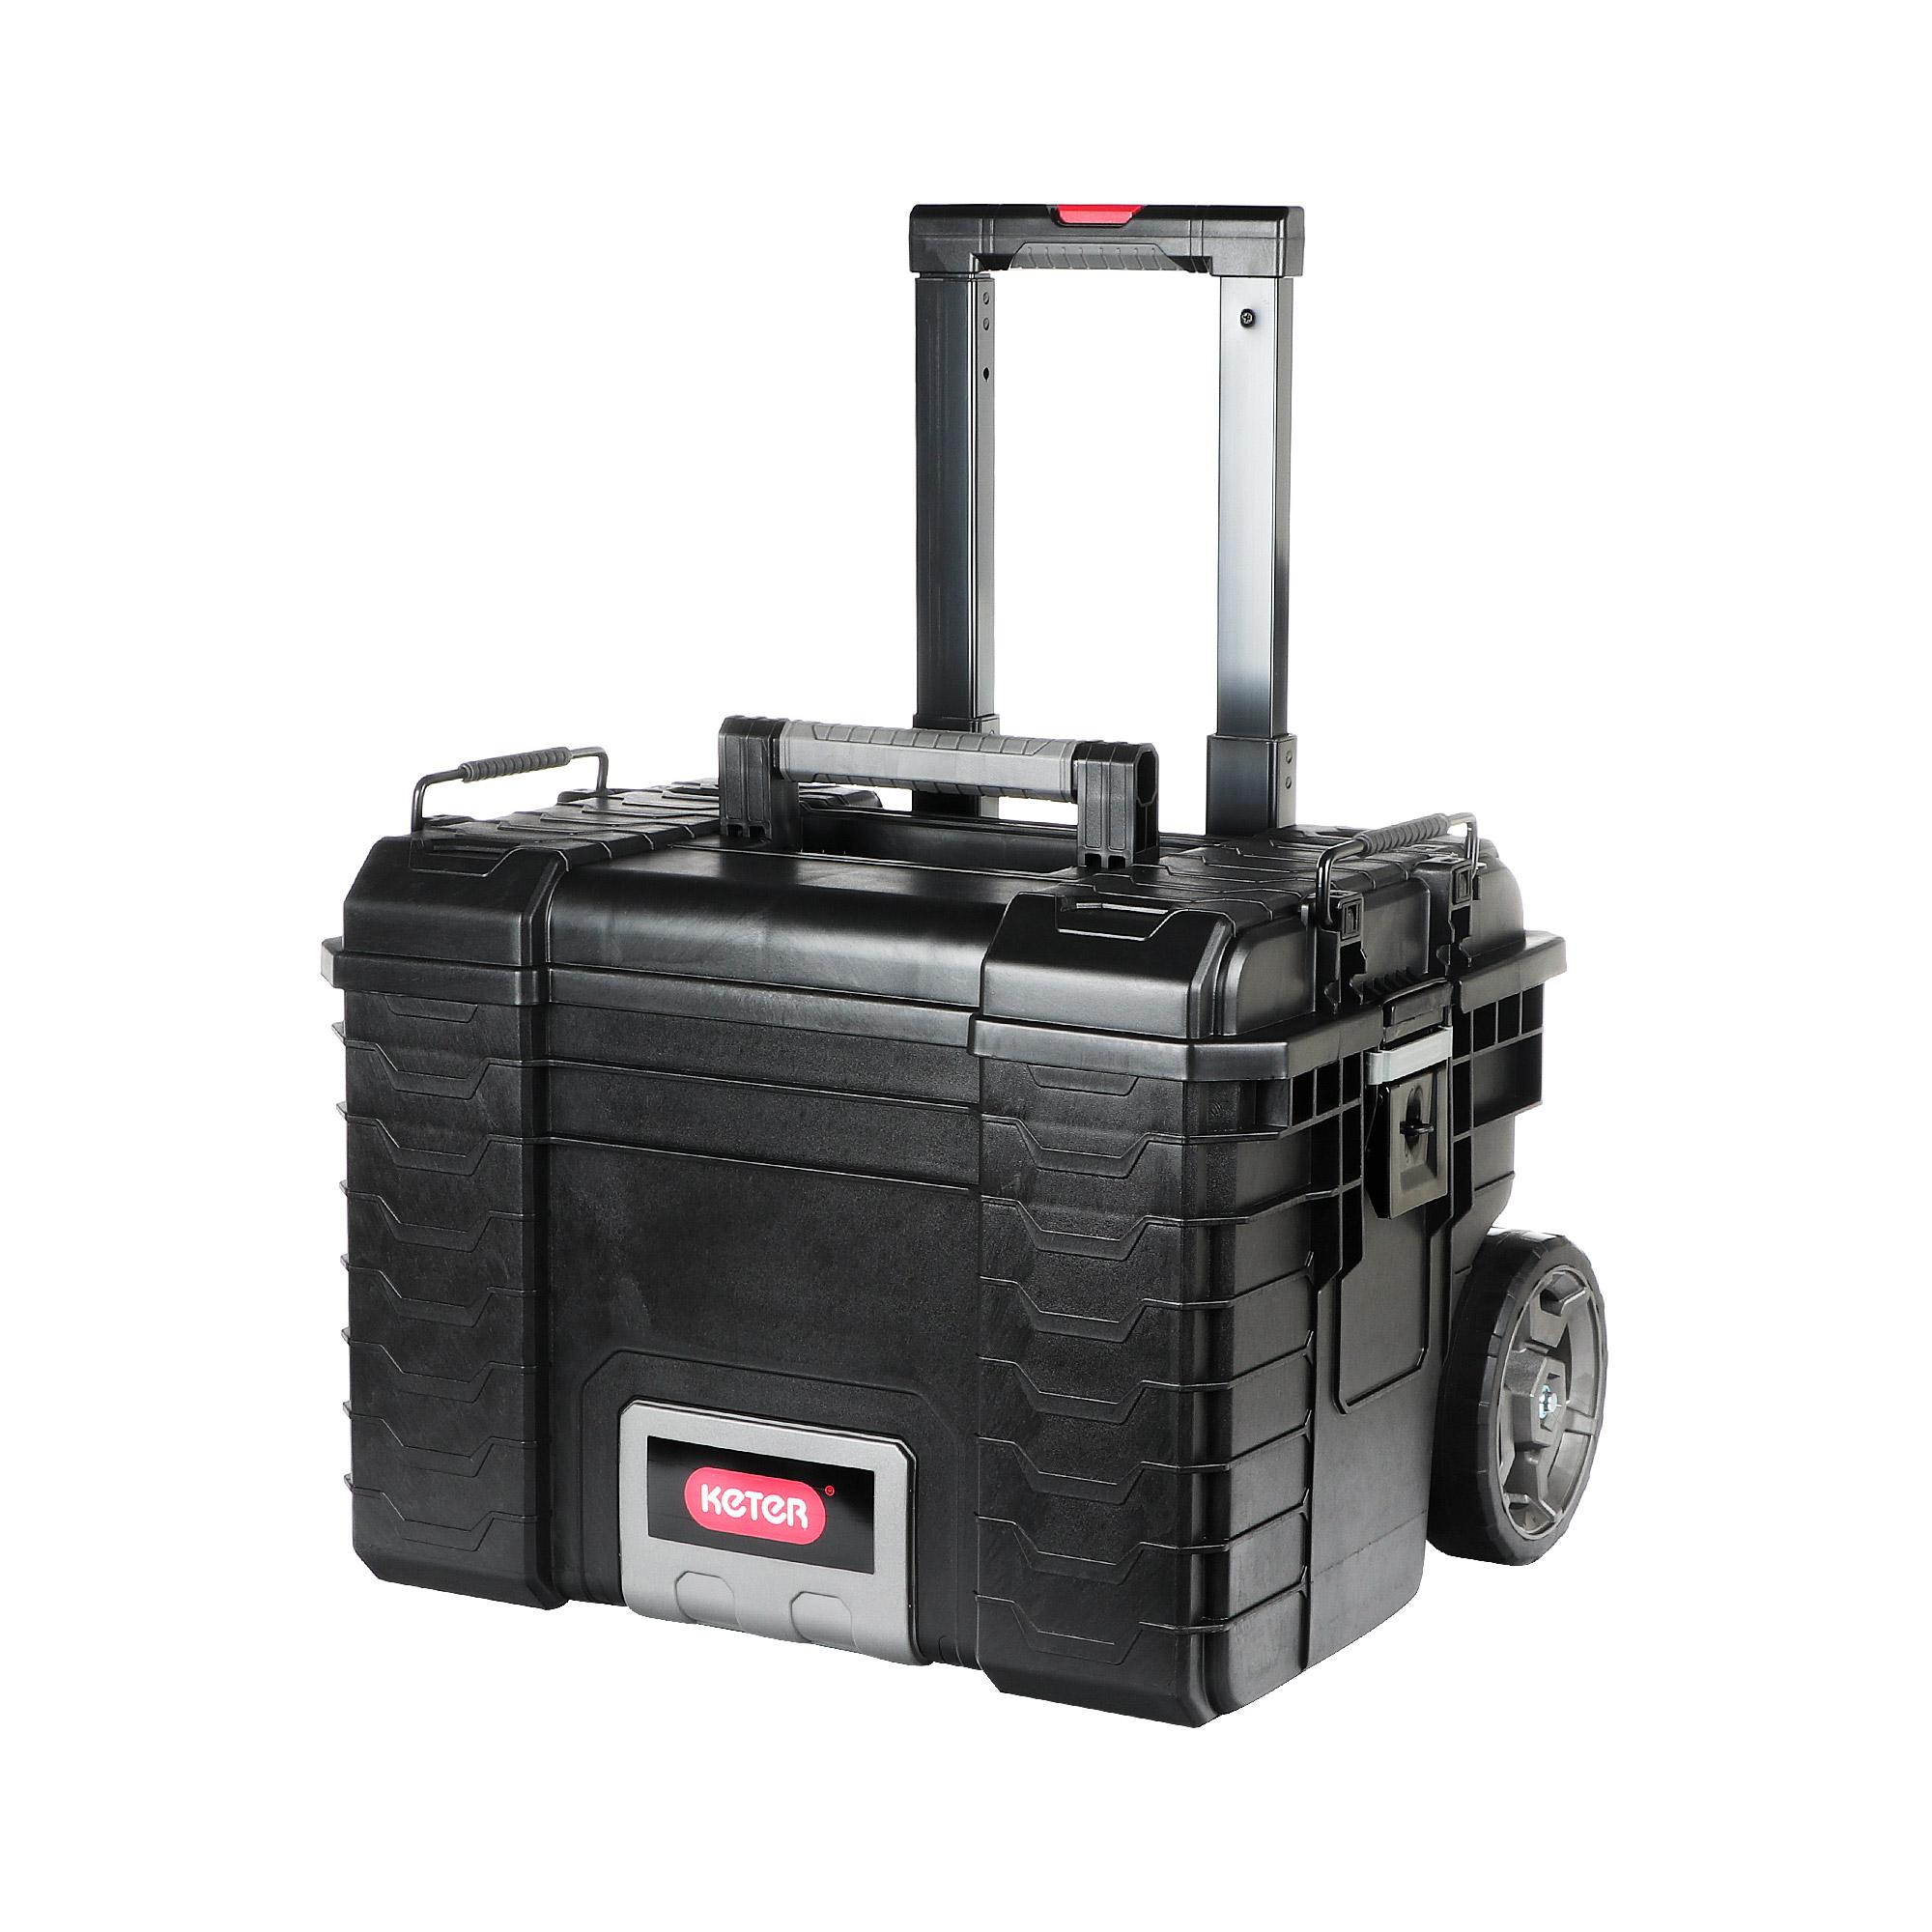 Ящик для инструментов на колесах Curver gear 56,4x46,5x48 см